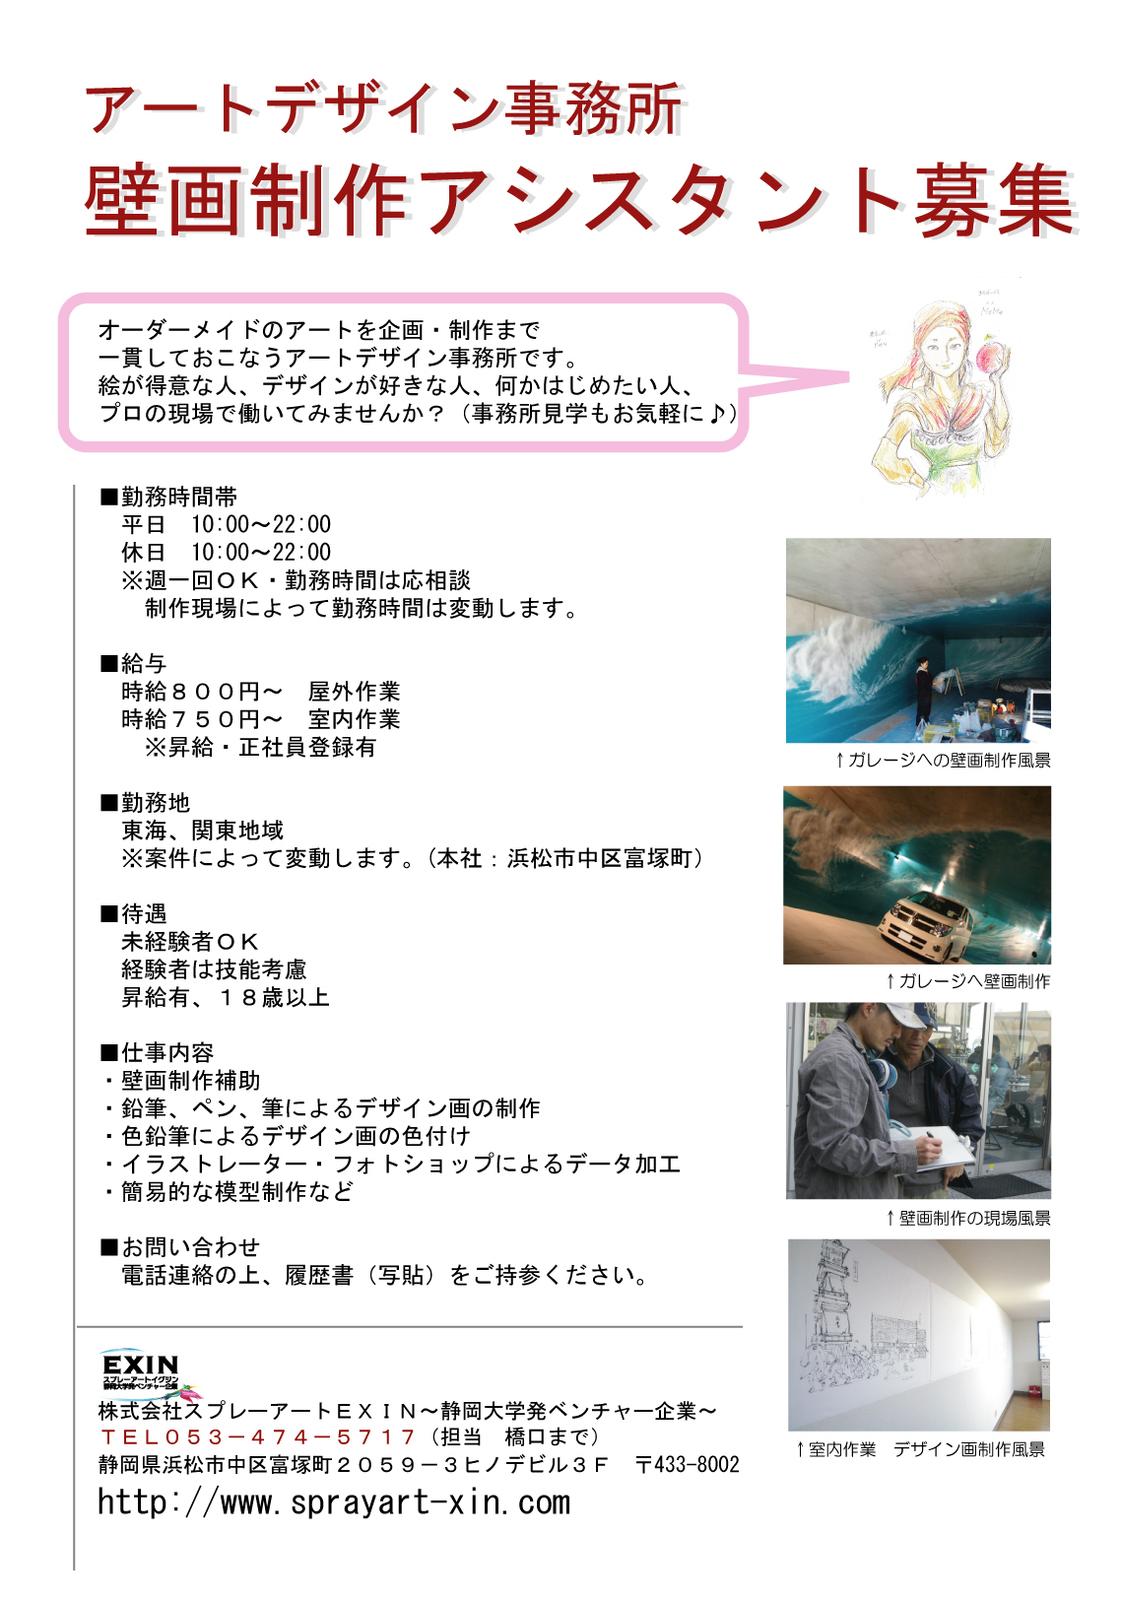 スプレーアート橋口さん!壁画制作のアシスタント募集!!